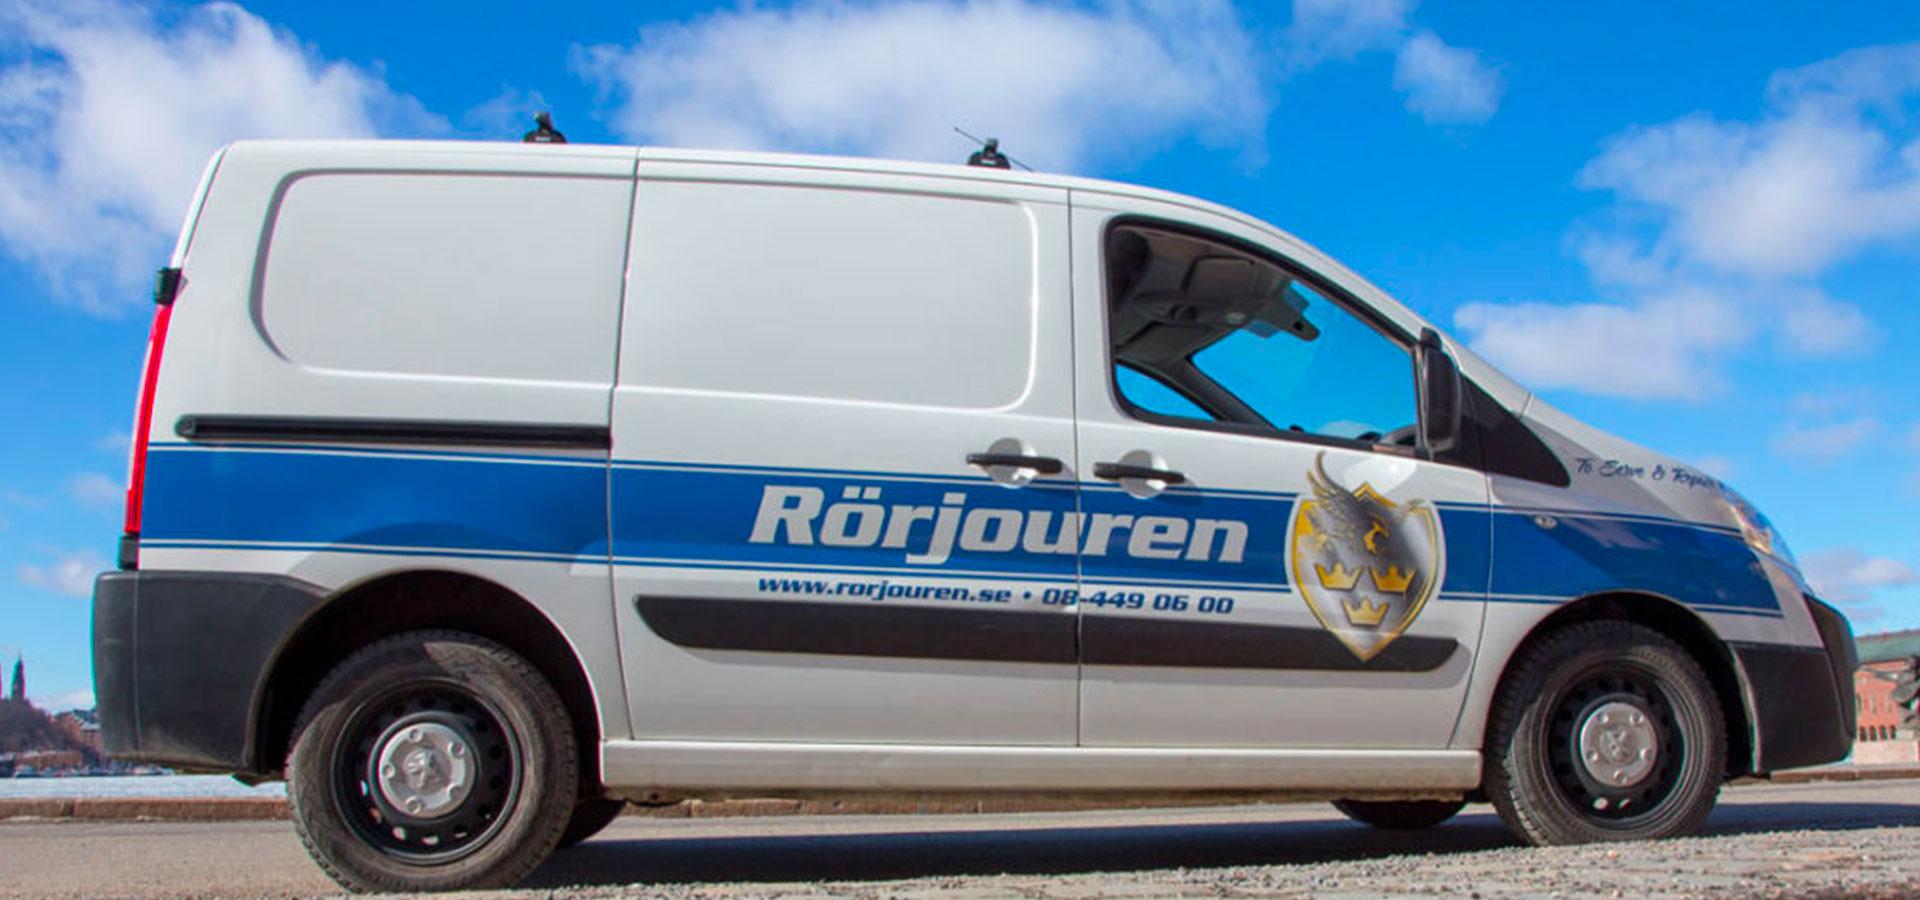 rörmokare-stockholm-vvs-rörjouren-22